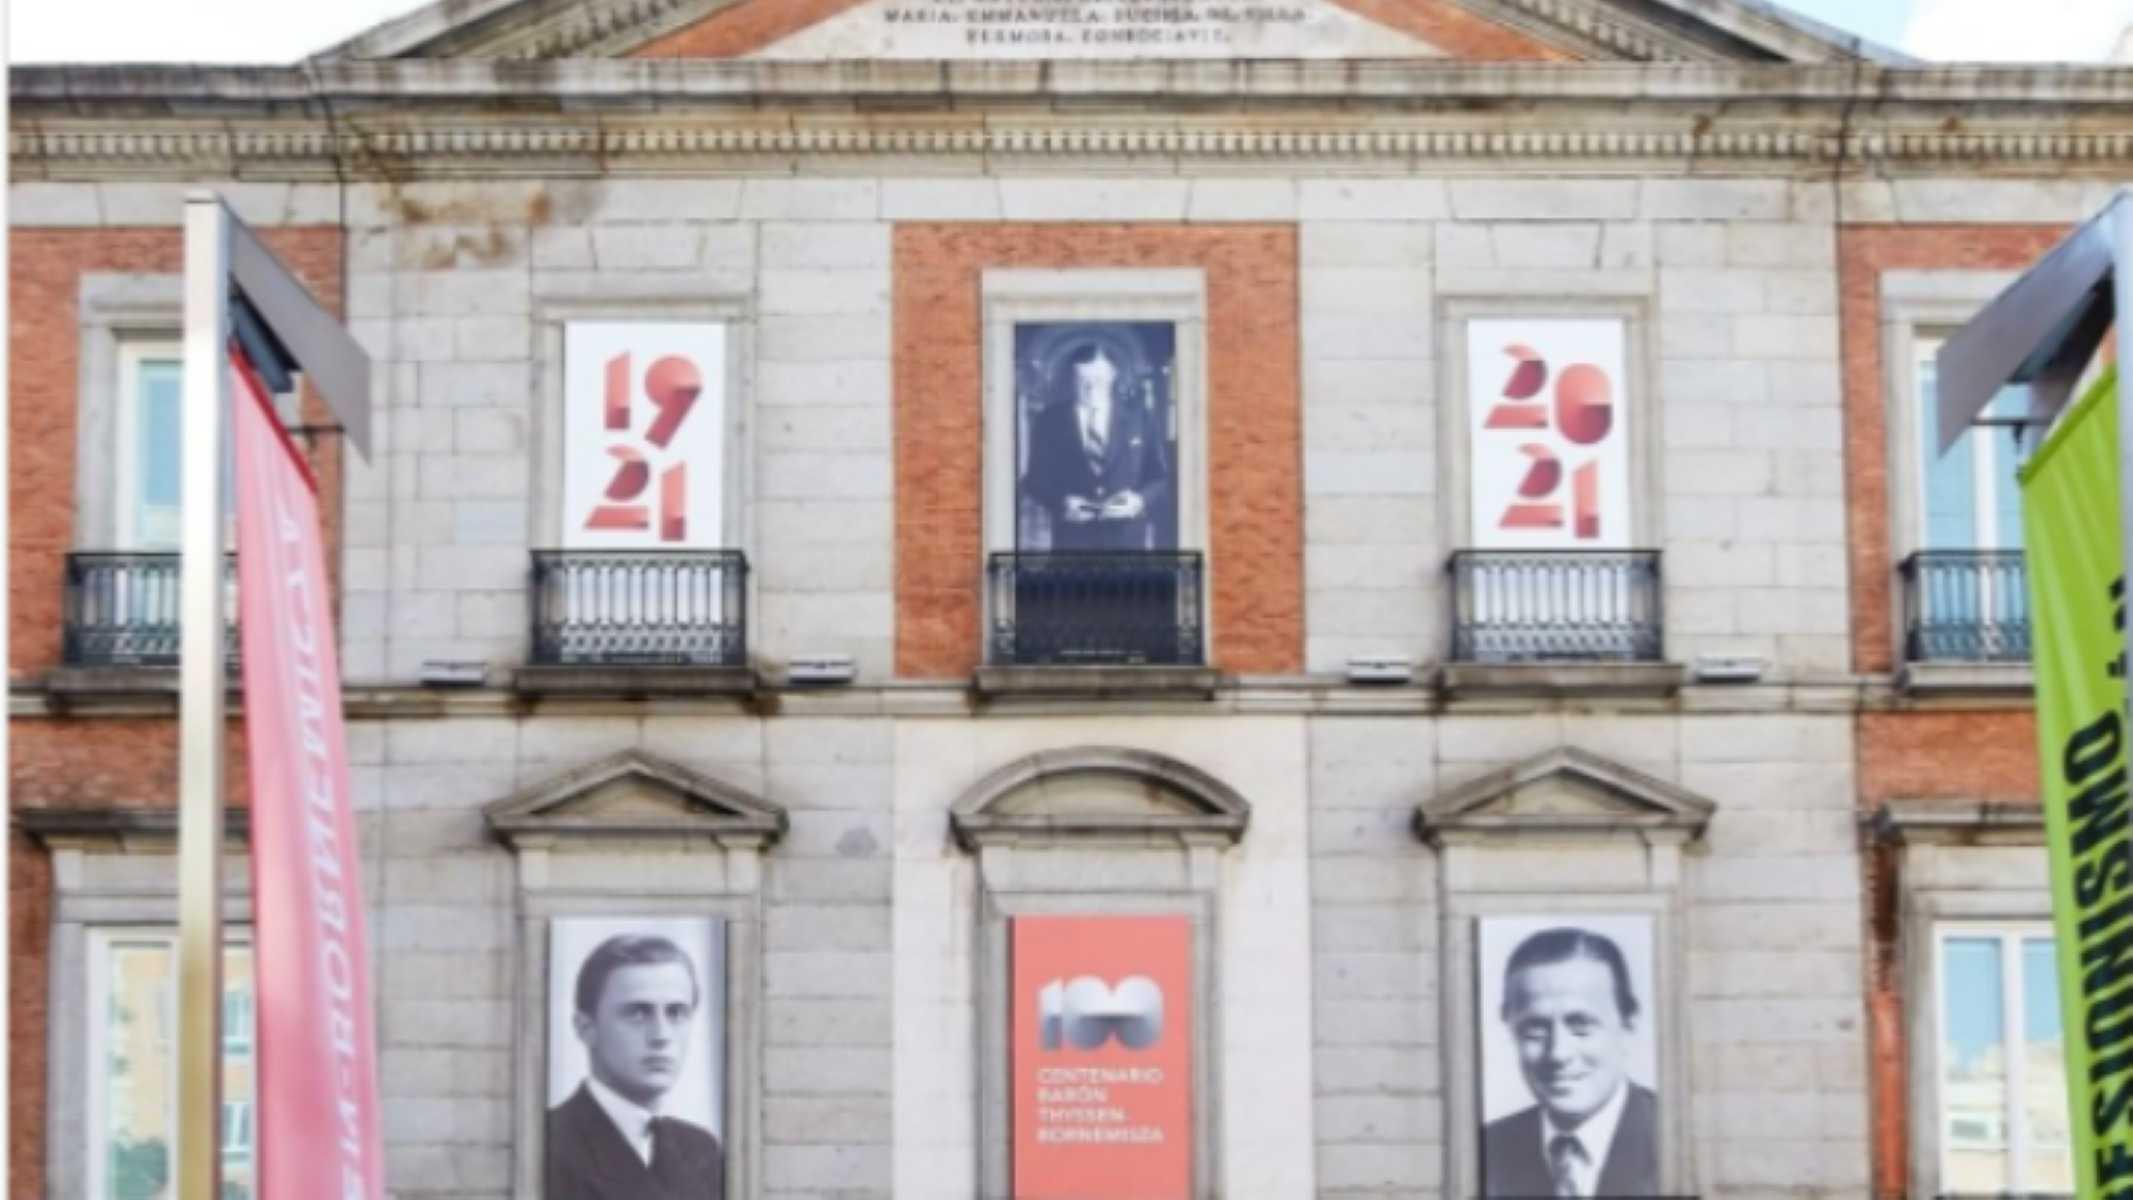 Συμφωνία «μαμούθ» της Ισπανίας για να παραμείνουν έργα τέχνης στη χώρα